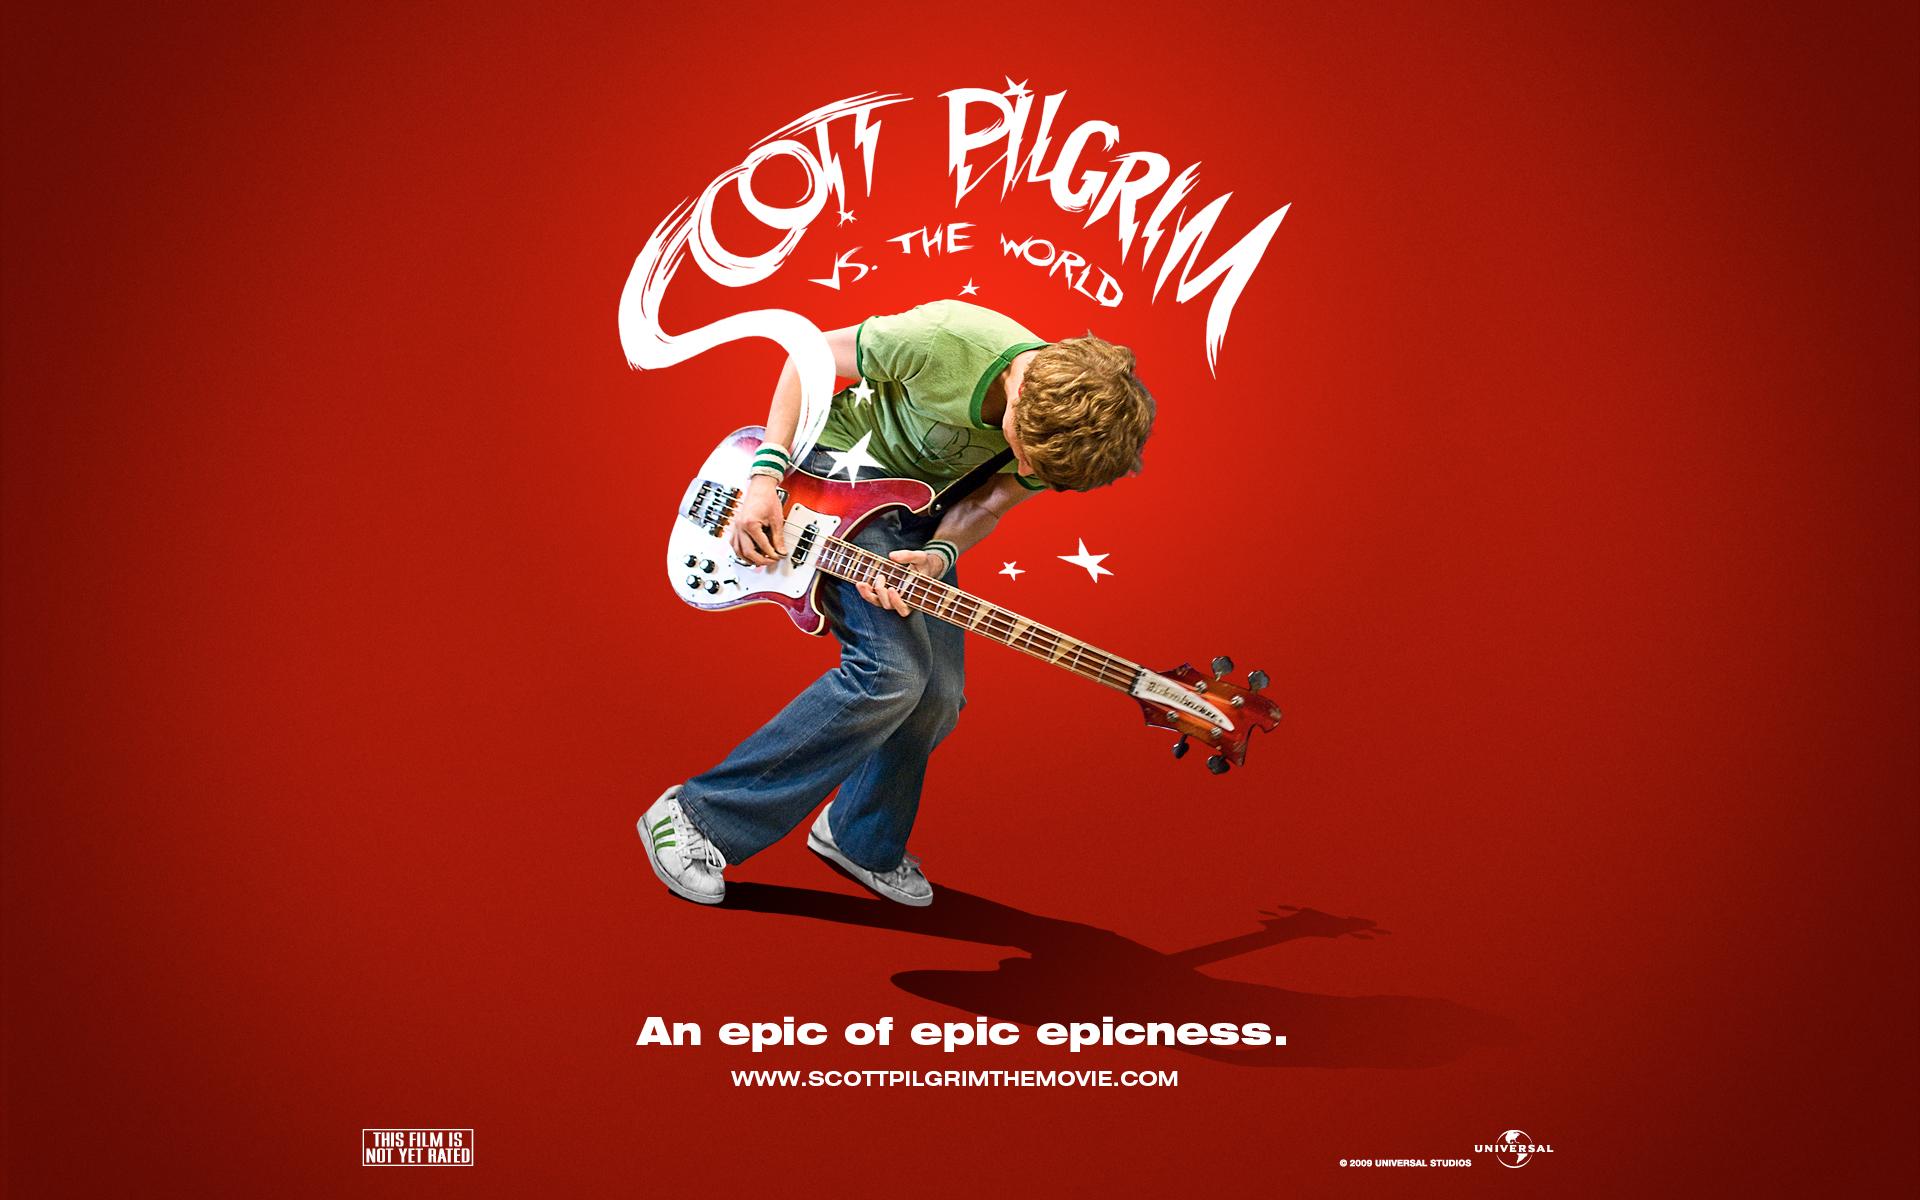 For Scott Pilgrim vs